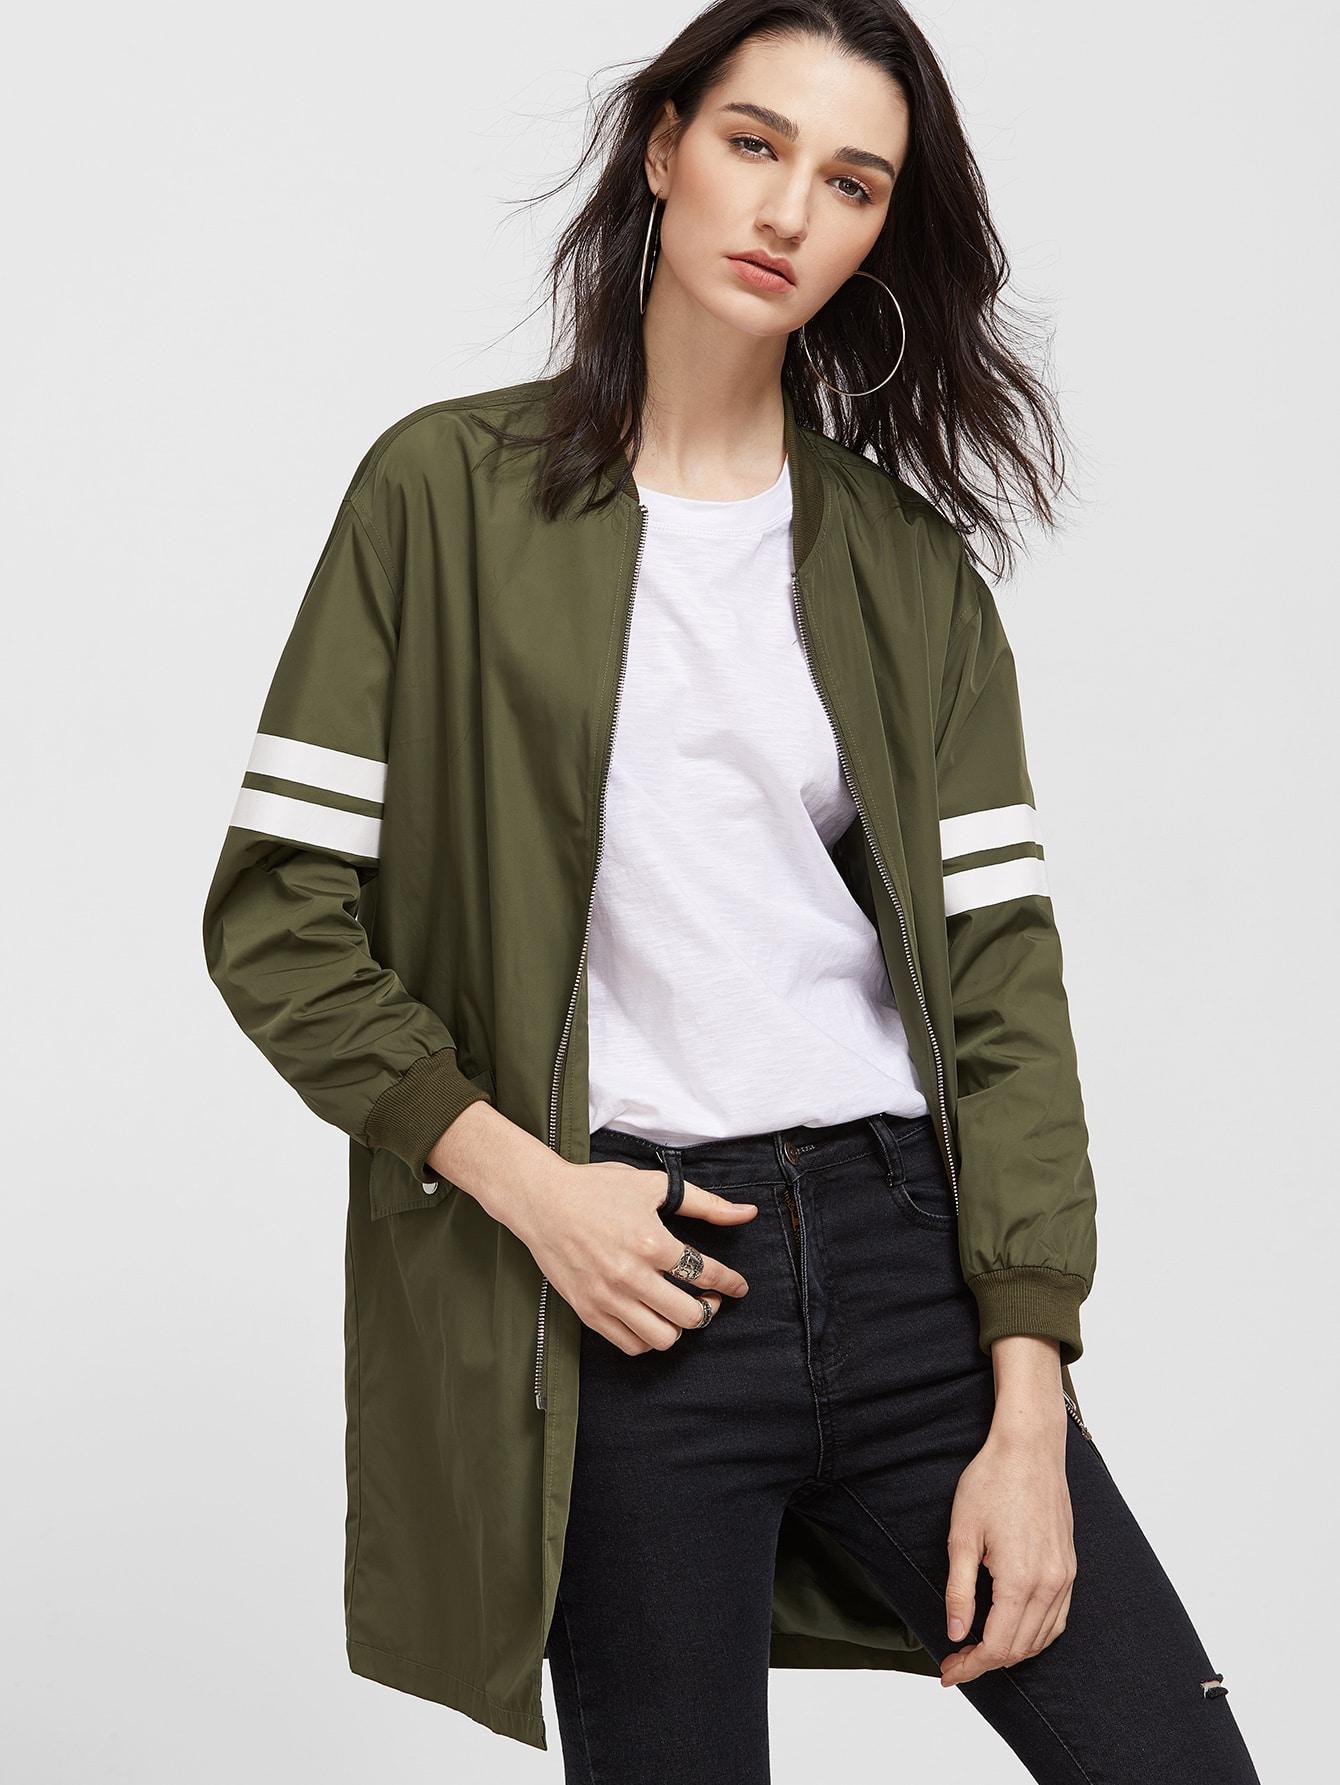 Olive Green Striped Sleeve Longline Zip Up Bomber Jacket sleeve patched shoulder zip bomber jacket